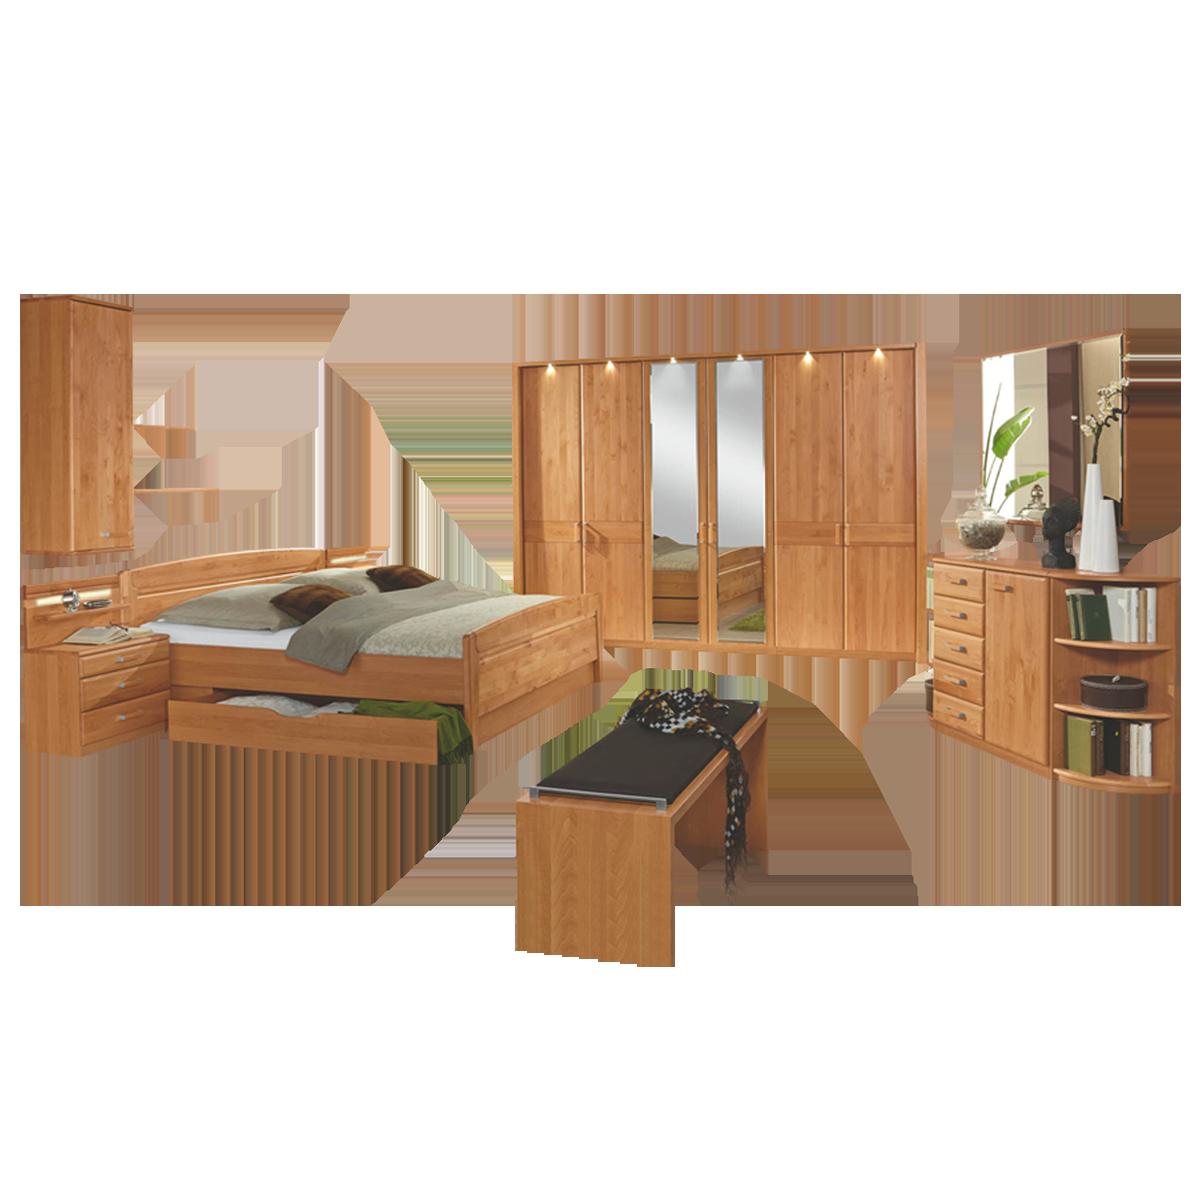 Wiemann Lausanne Schlafzimmer Doppelbett Drehtürenschrank Nachtschränke  Beimöbel Ankleidebank Spiegel in Erle oder Birke teilmassiv wählbar